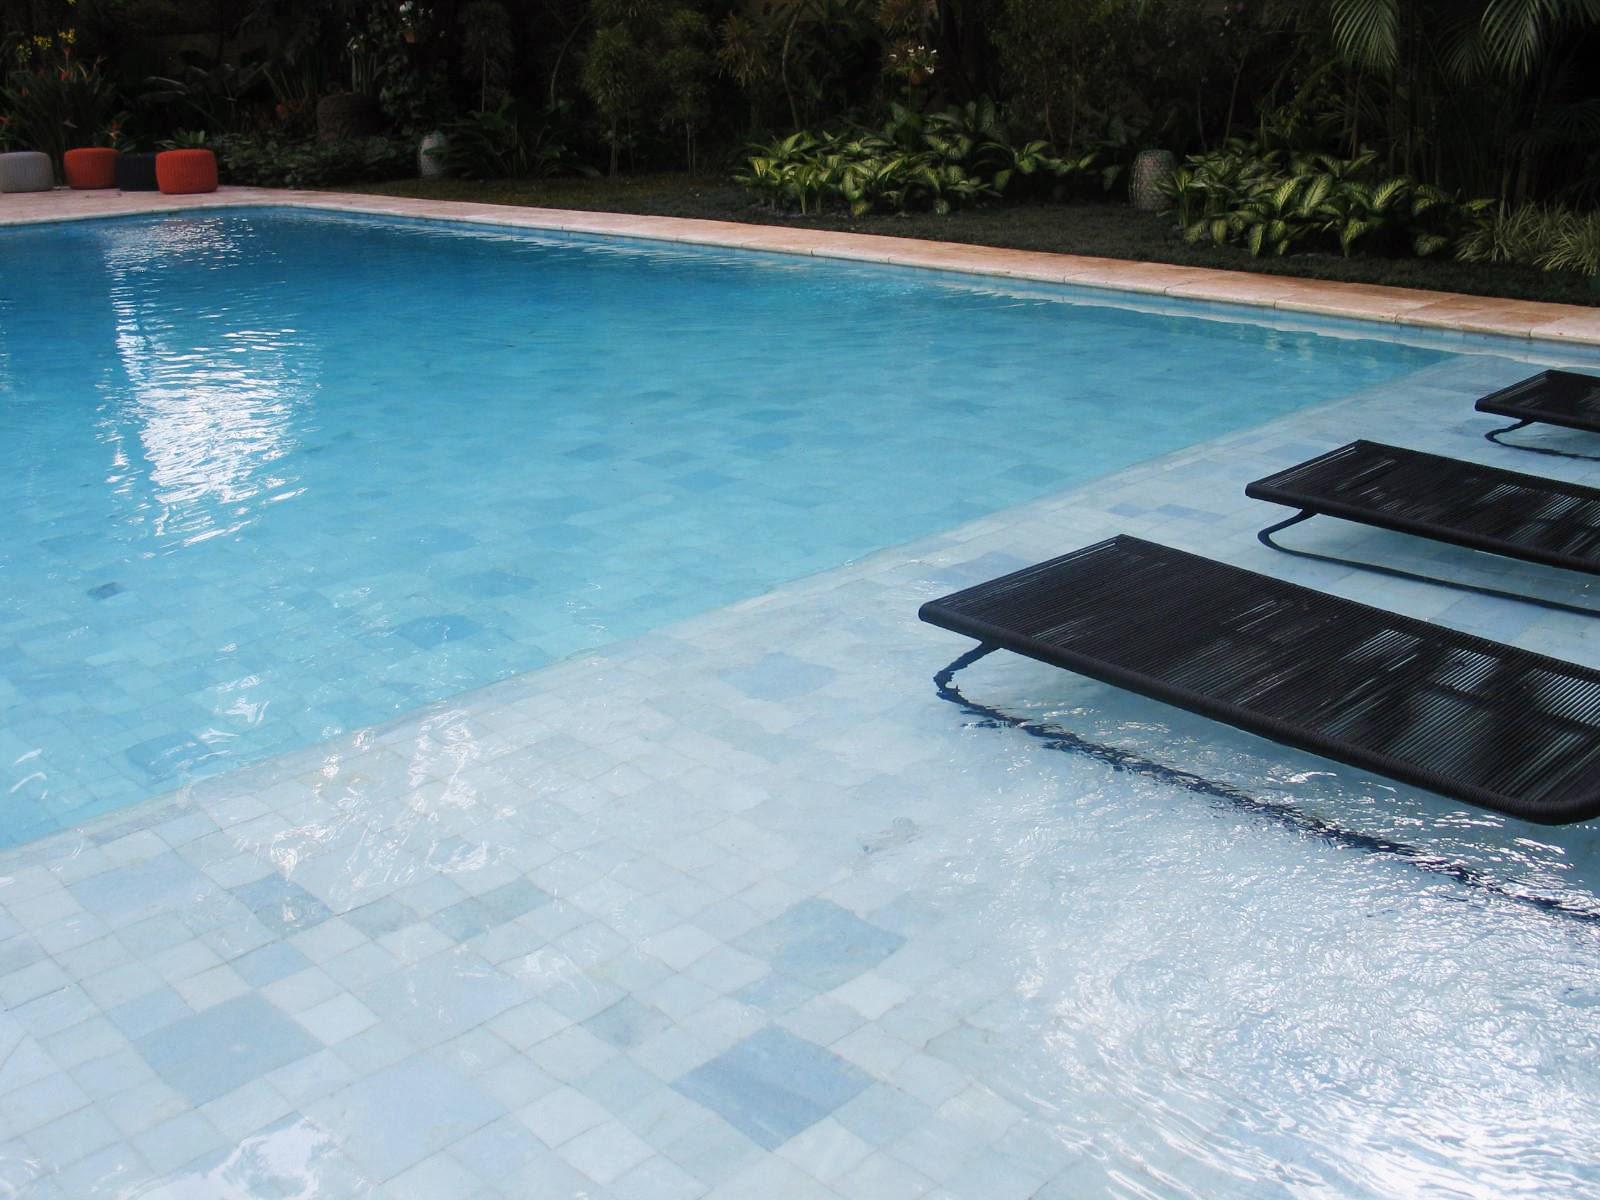 Piscina com revestimento branco - Agua de piscina verde ...